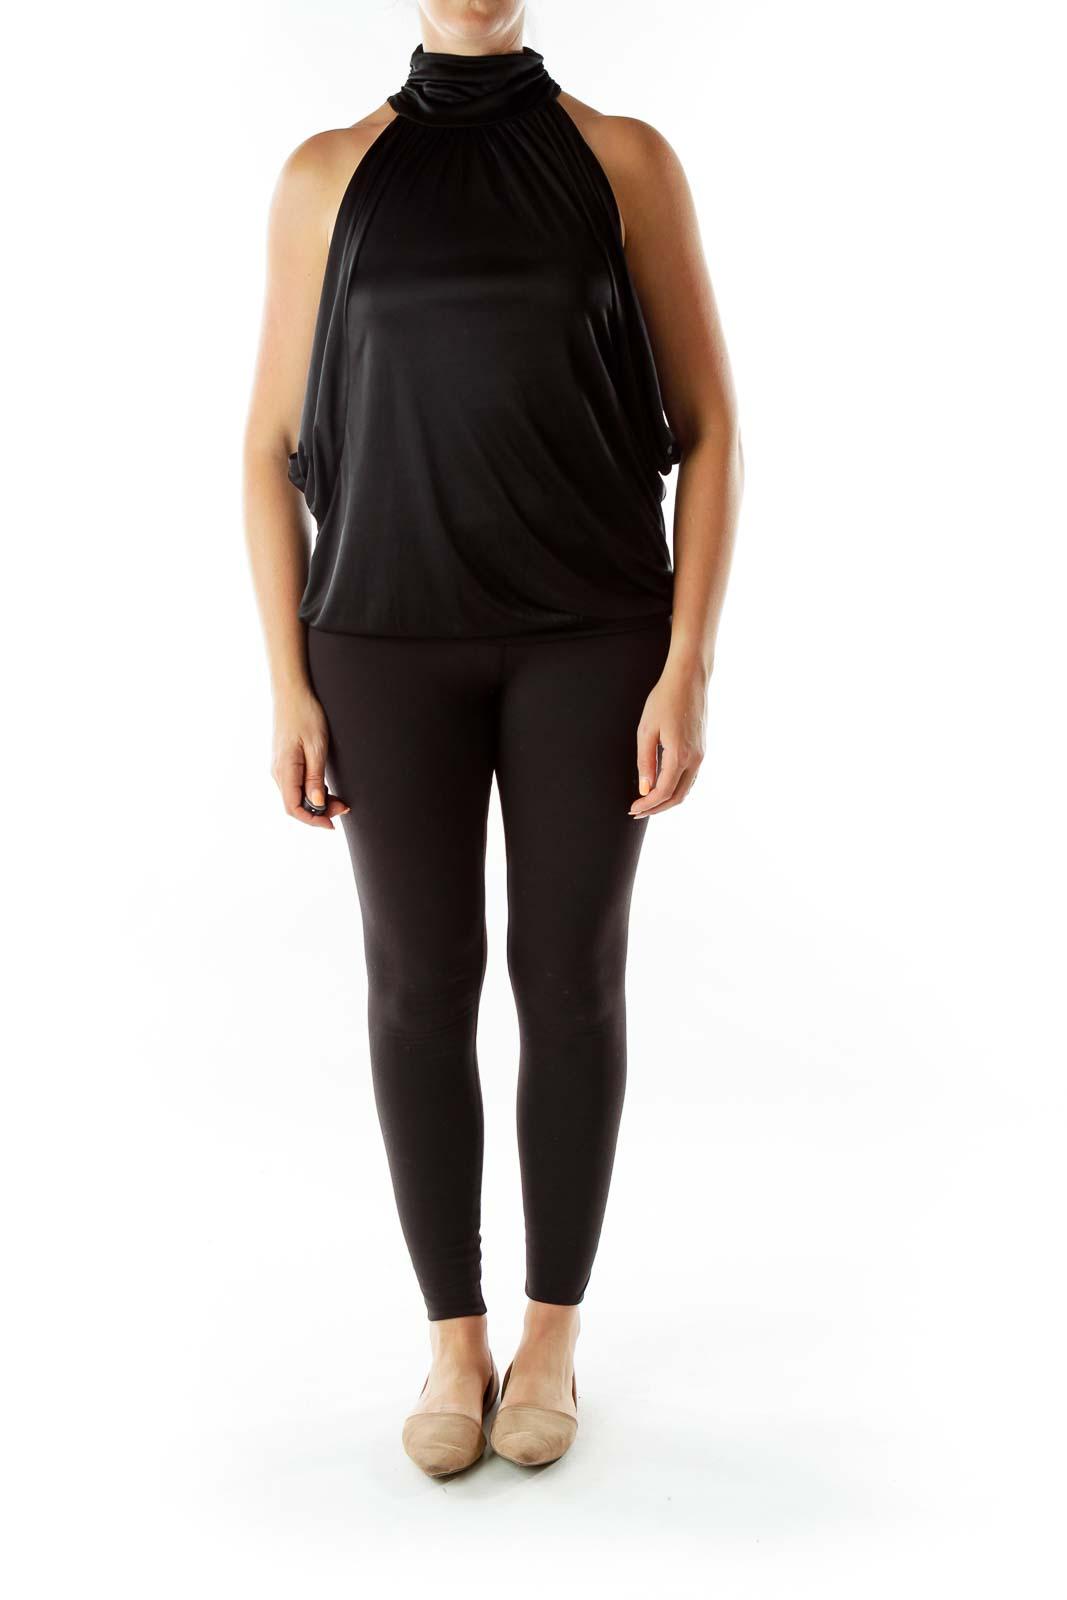 Black Shiny Turtle Neck Bat-Sleeve T-shirt